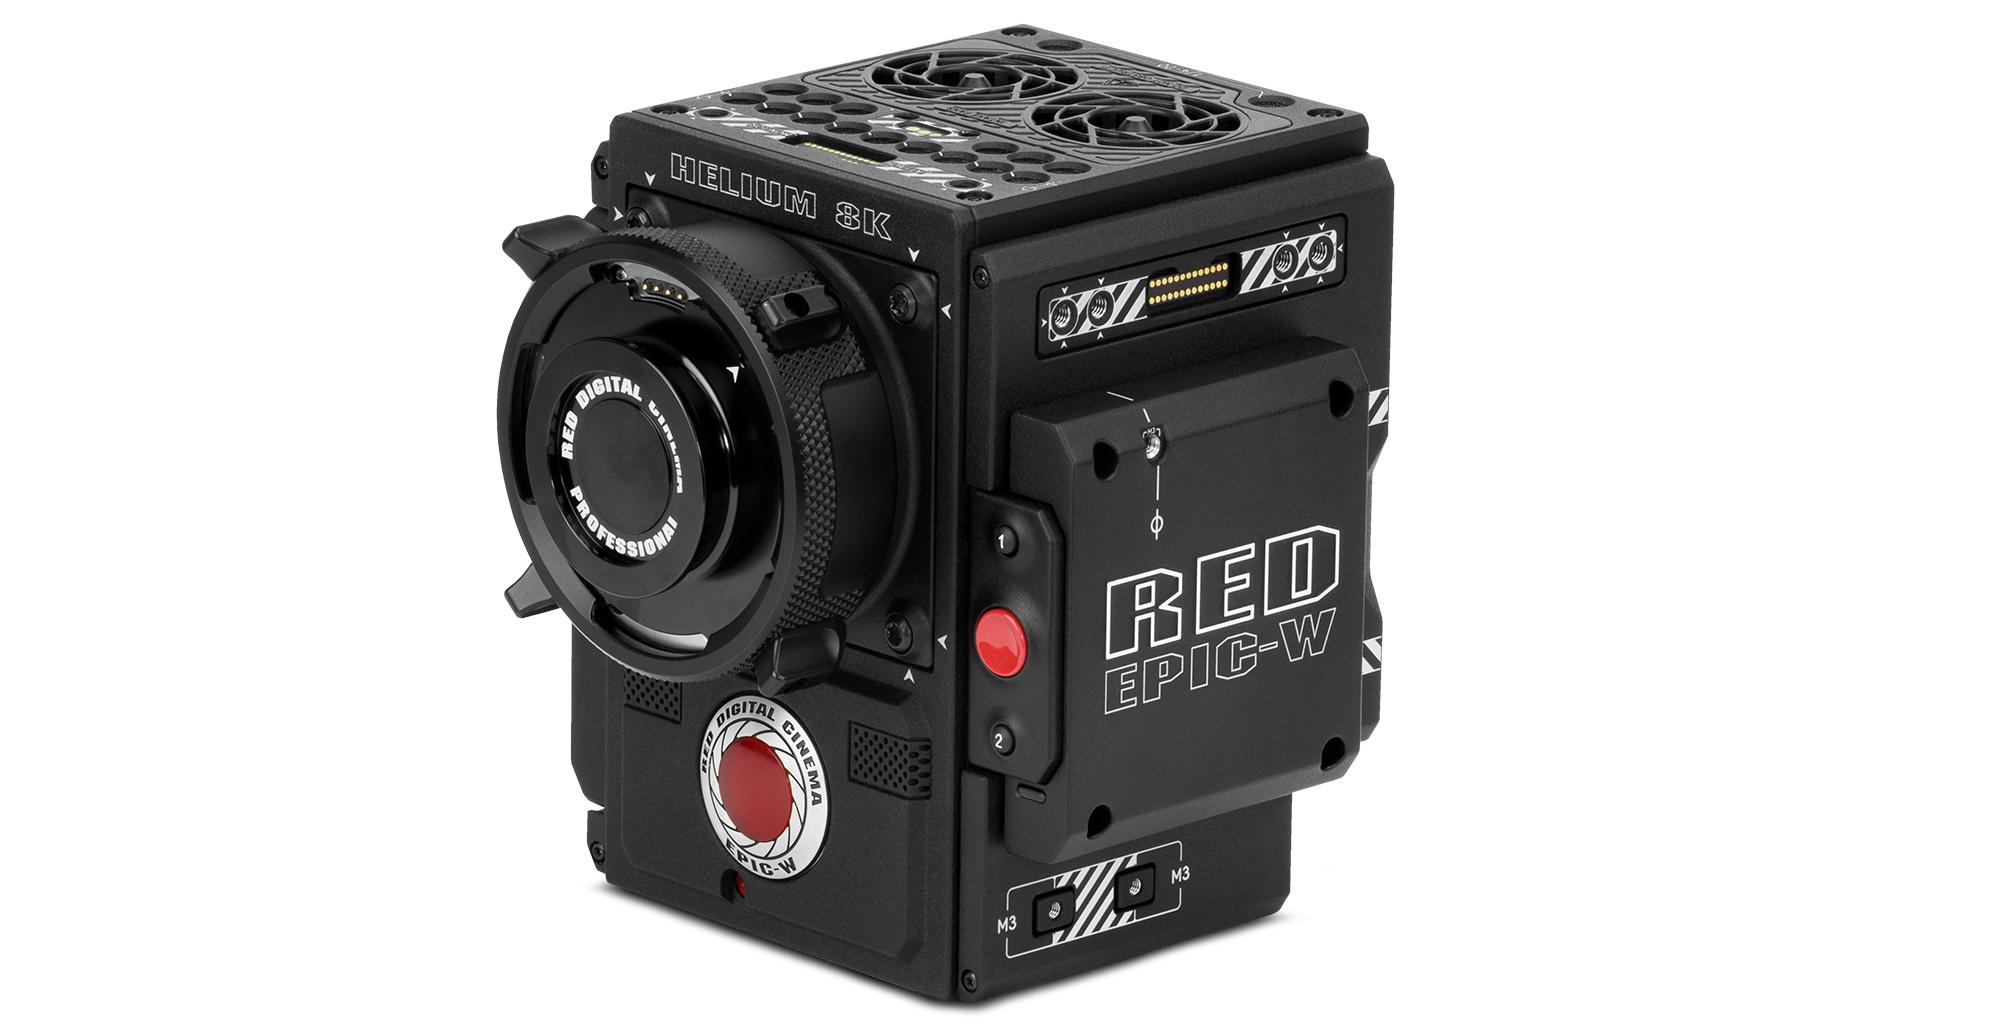 red-epic-w-8k-5.jpg